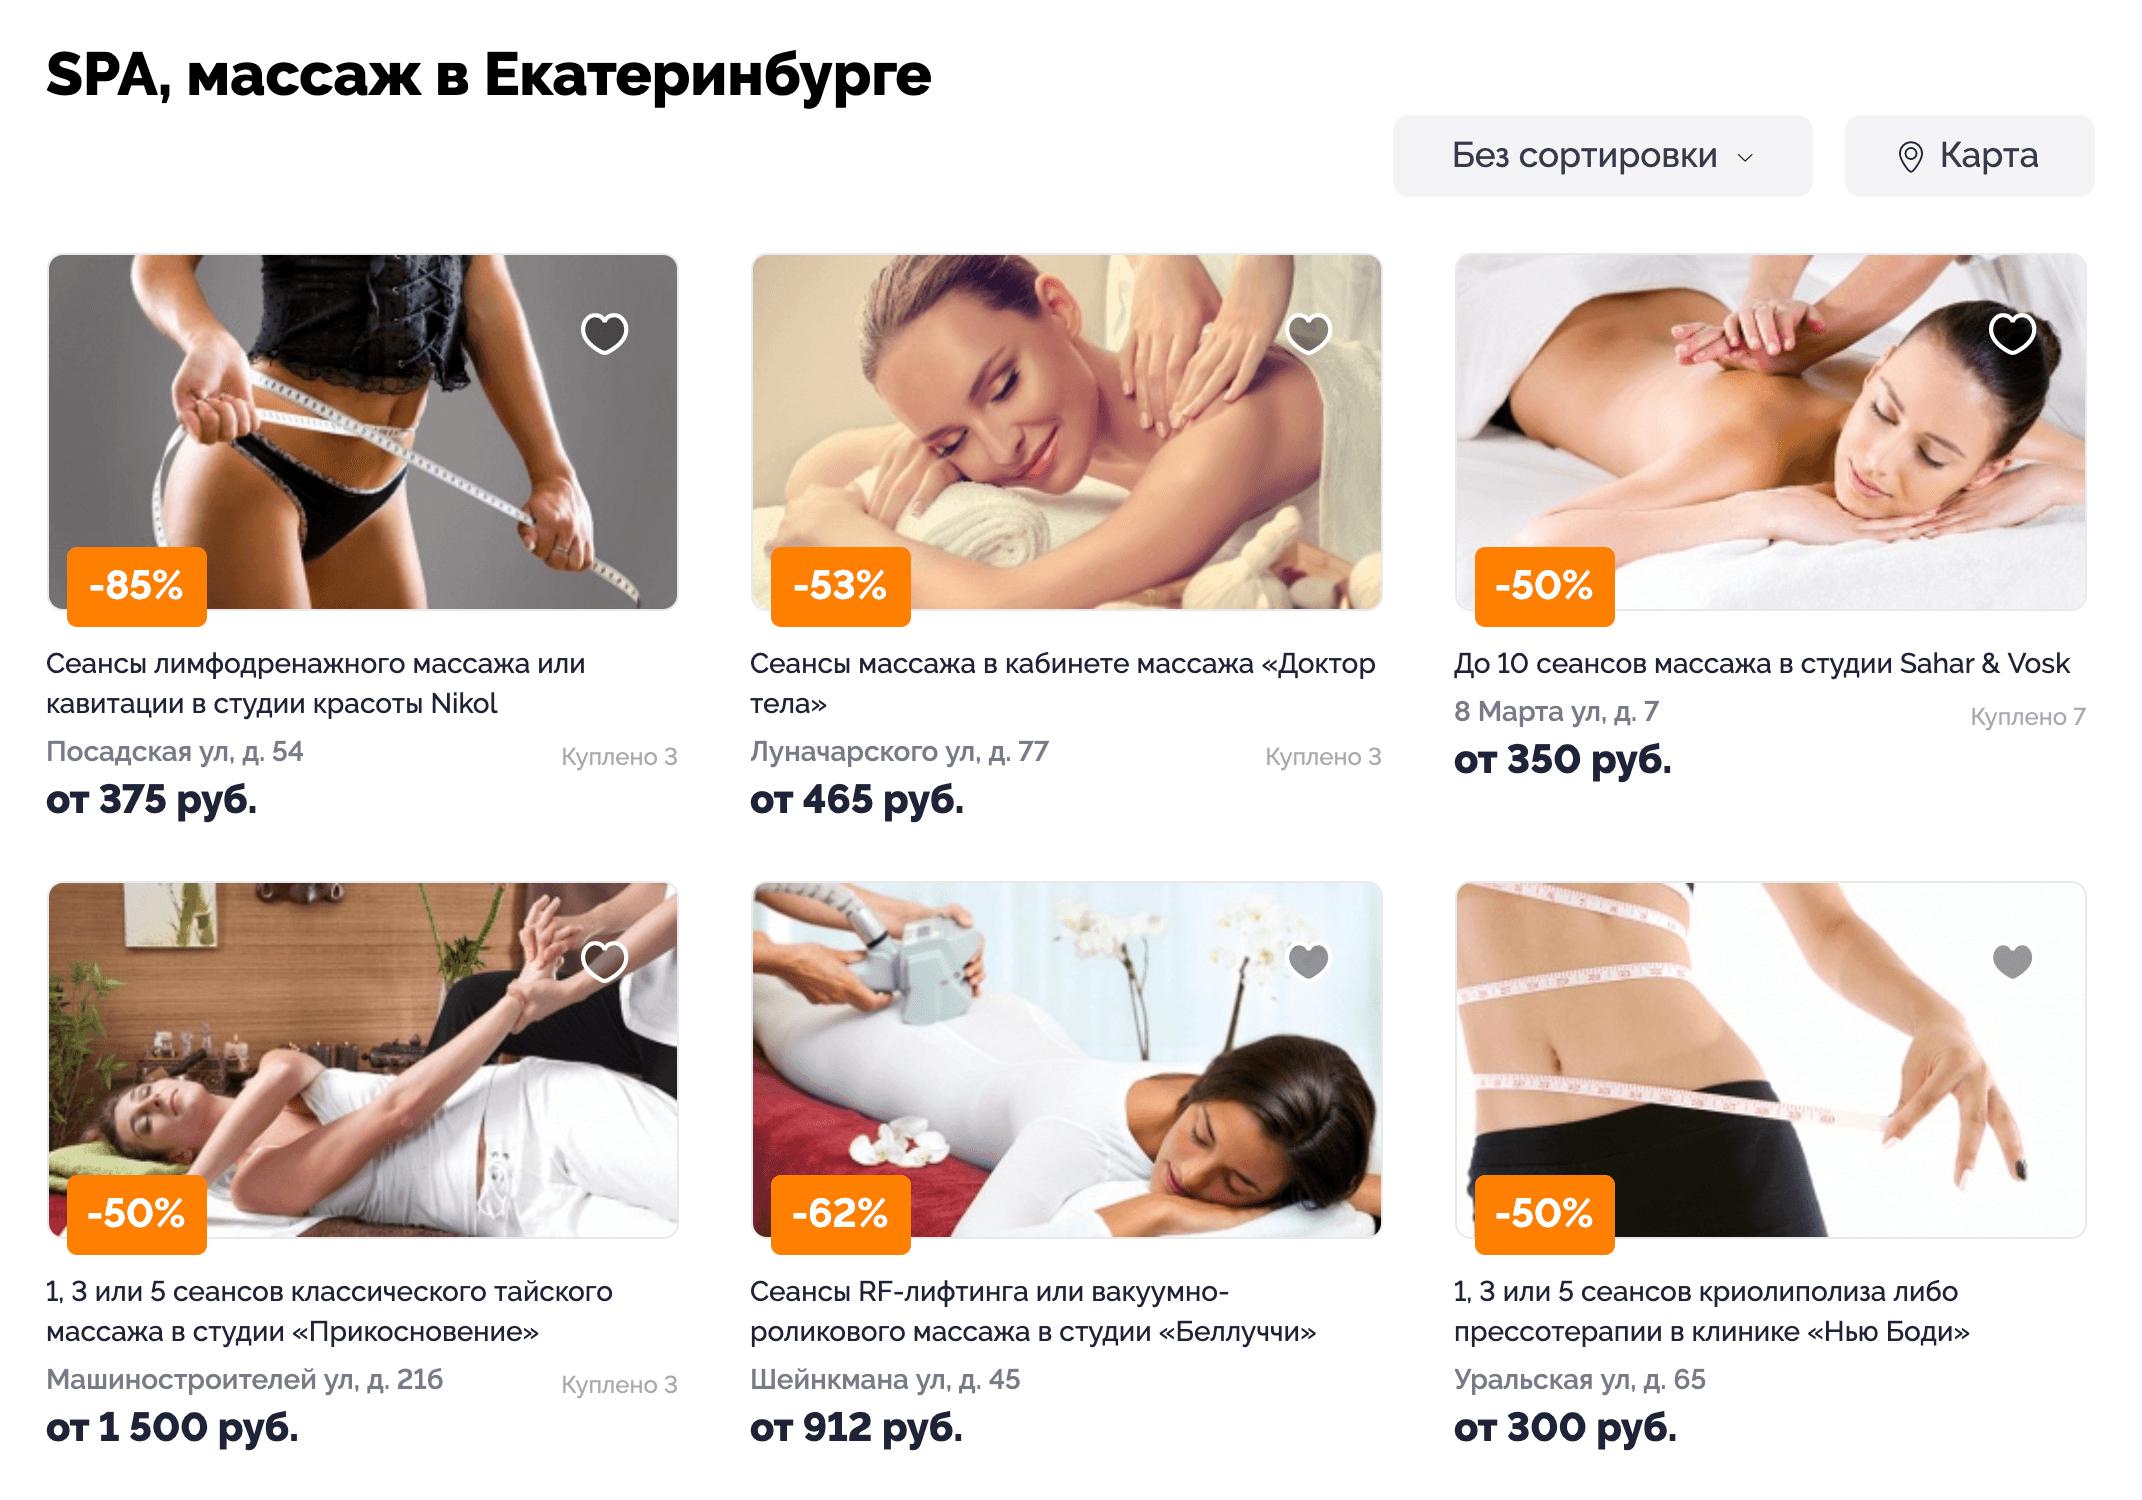 В разделе «Уход за телом» все женщины символизируют расслабление, которое клиент получит от массажа или спа-программы. Но такие стоковые картинки ничего не говорят о месте оказания услуг, поэтому я всегда ищу дополнительные фото в соцсетях или на сайте салона